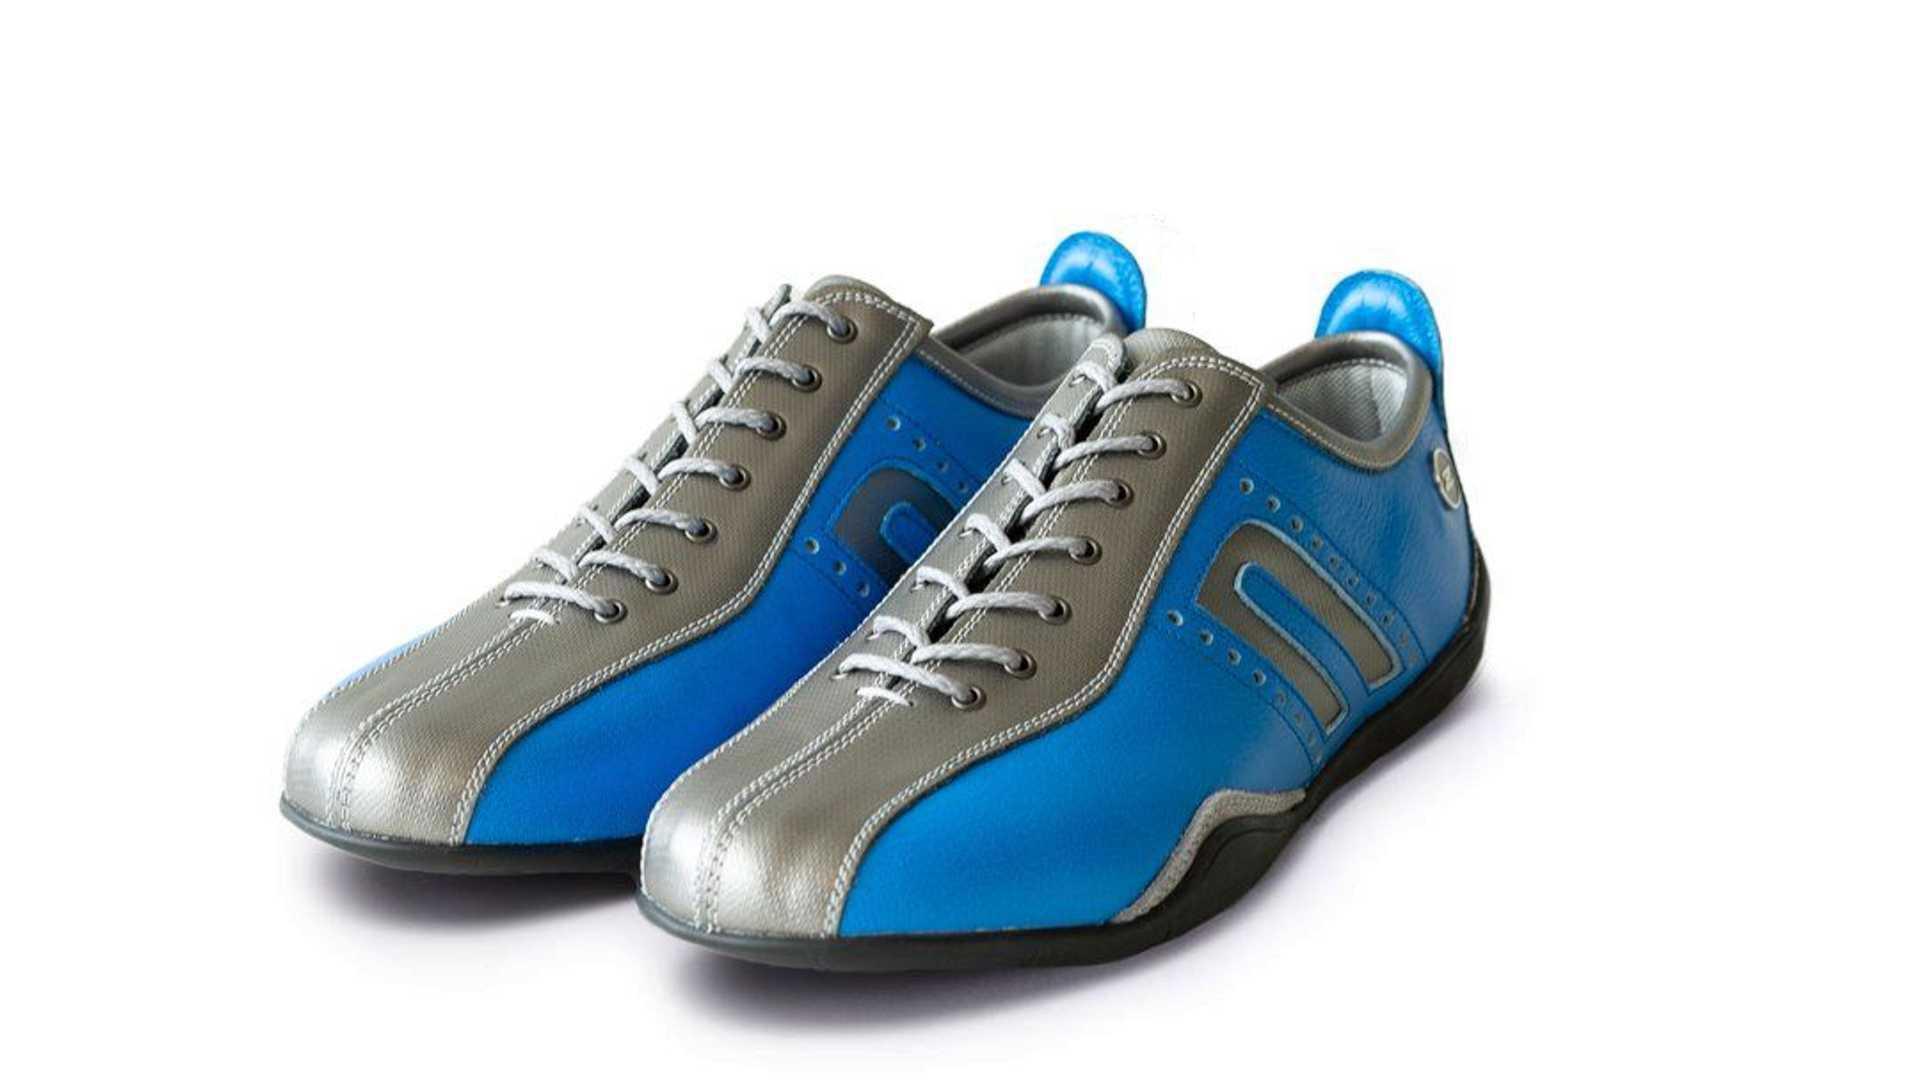 Negroni_Idea_Corsa-Nissan_Z_Shoes-0000